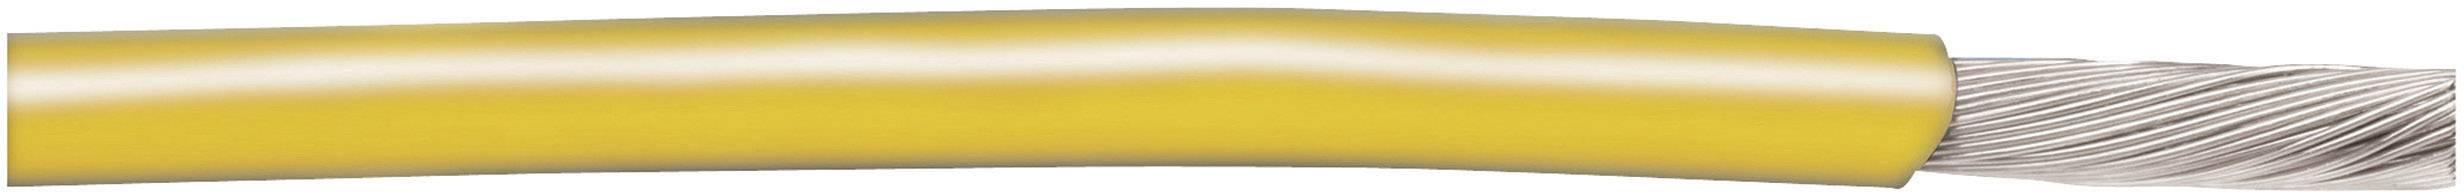 Opletenie / lanko AlphaWire 3051 GR005 1 x 0.32 mm², vonkajší Ø 1.57 mm, 30.5 m, zelená